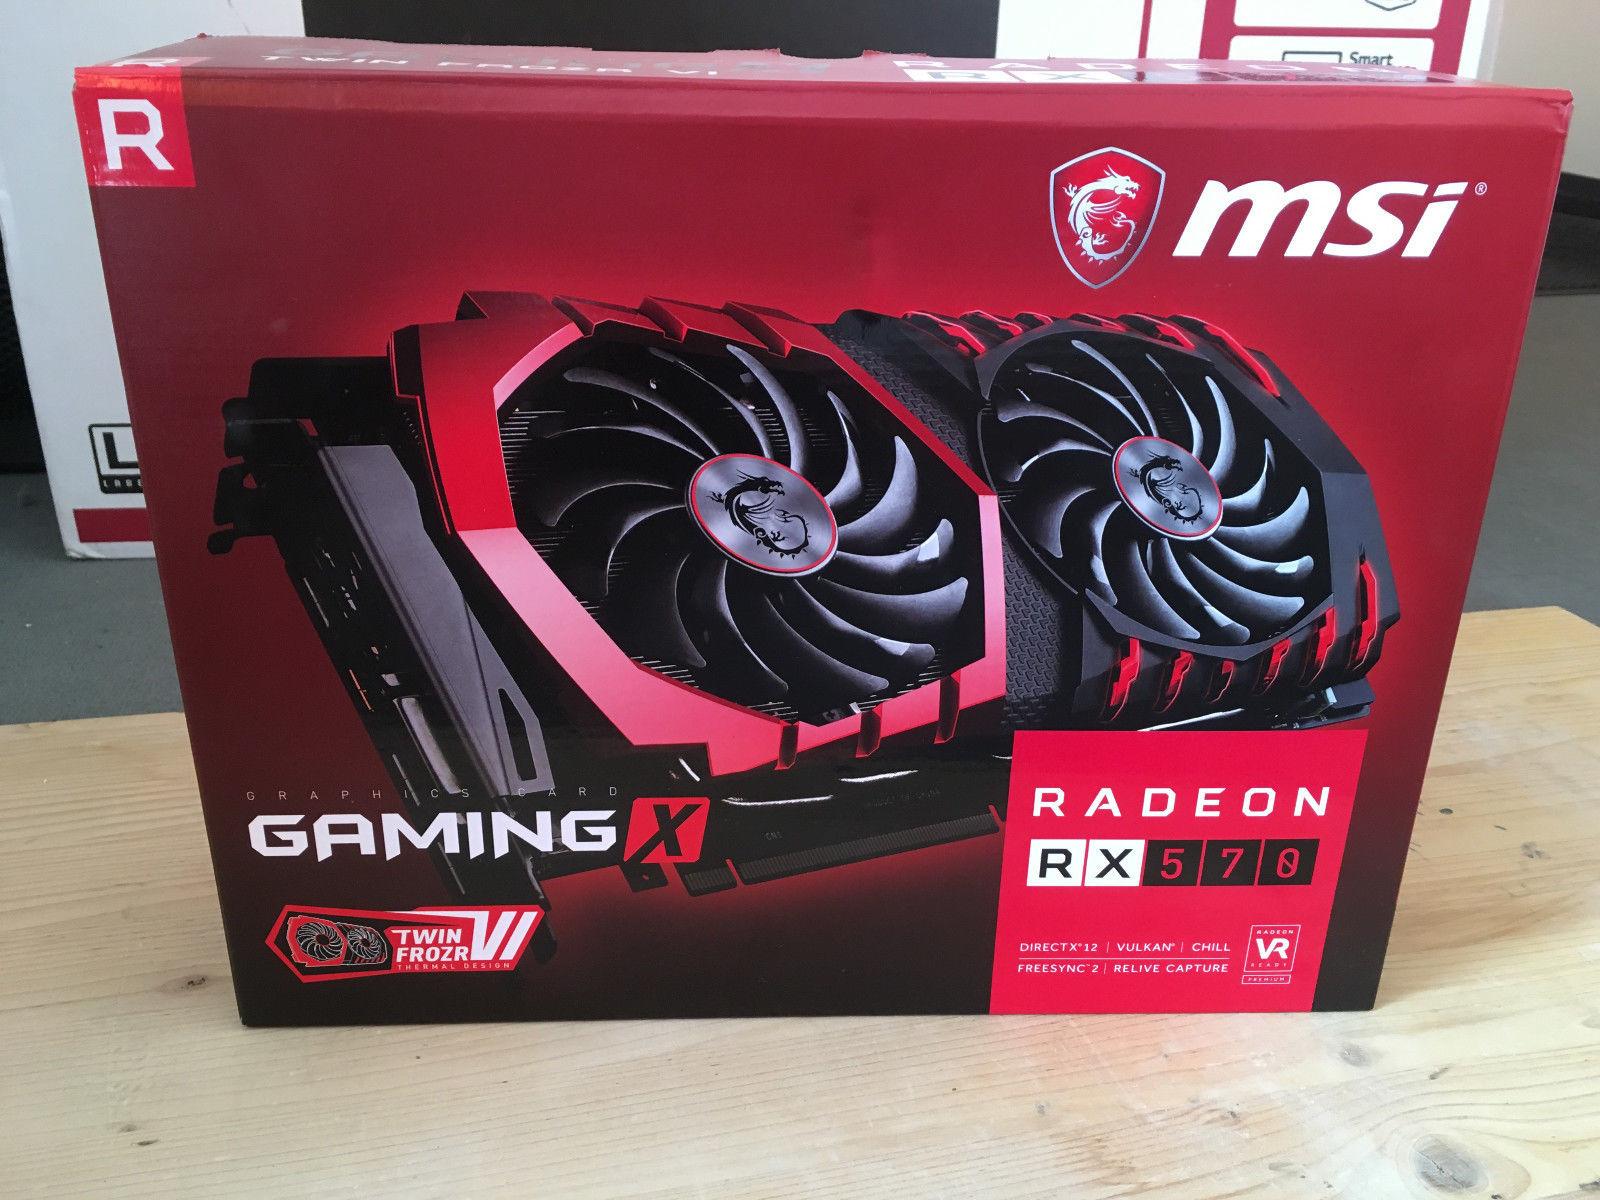 MSI Radeon RX 570 Gaming X al descubierto